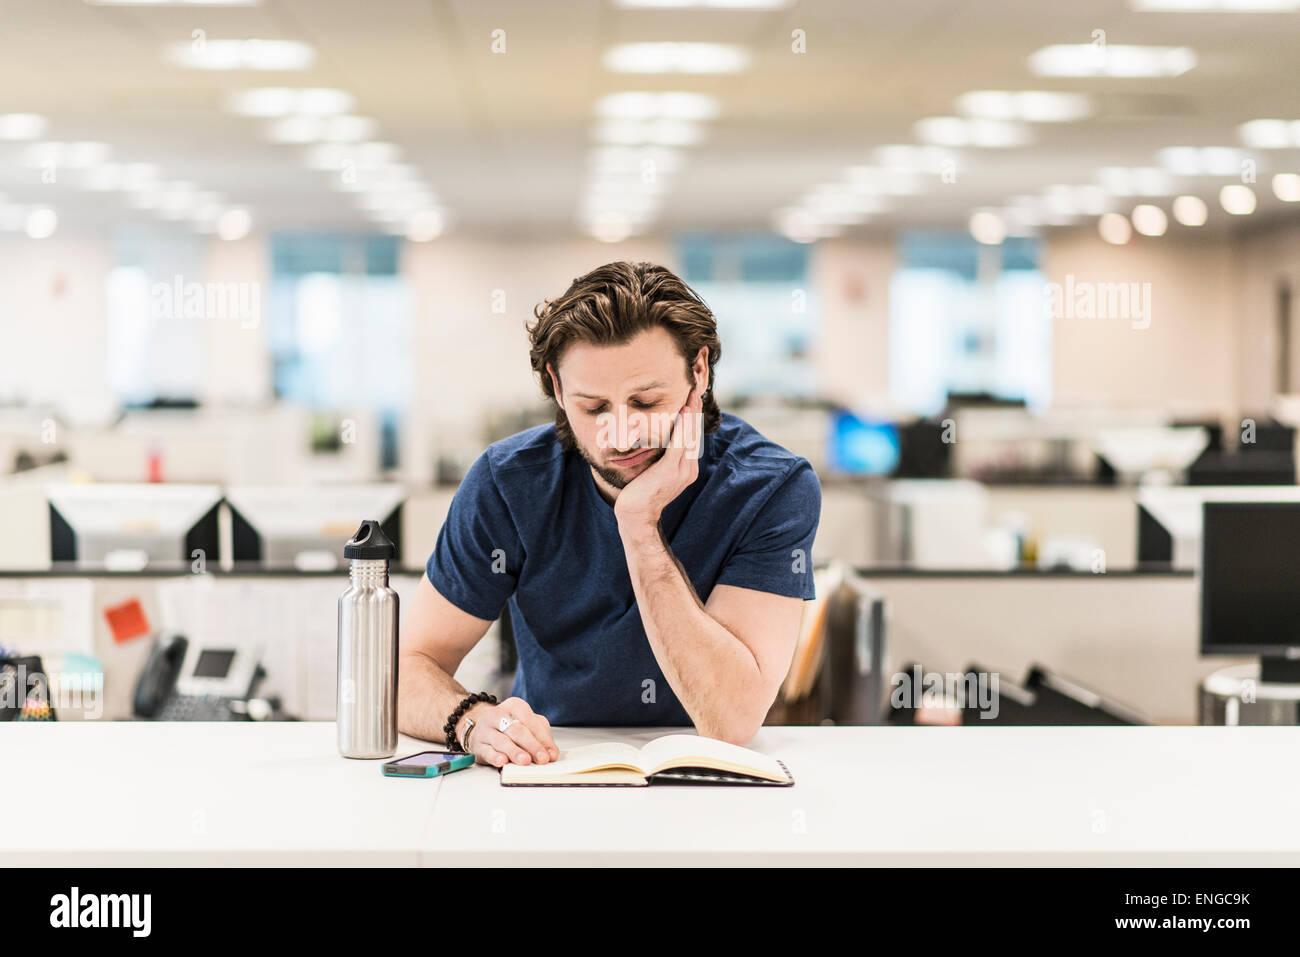 Un uomo appoggiato sul proprio gomito e guardando un libro aperto su una scrivania in ufficio. Immagini Stock